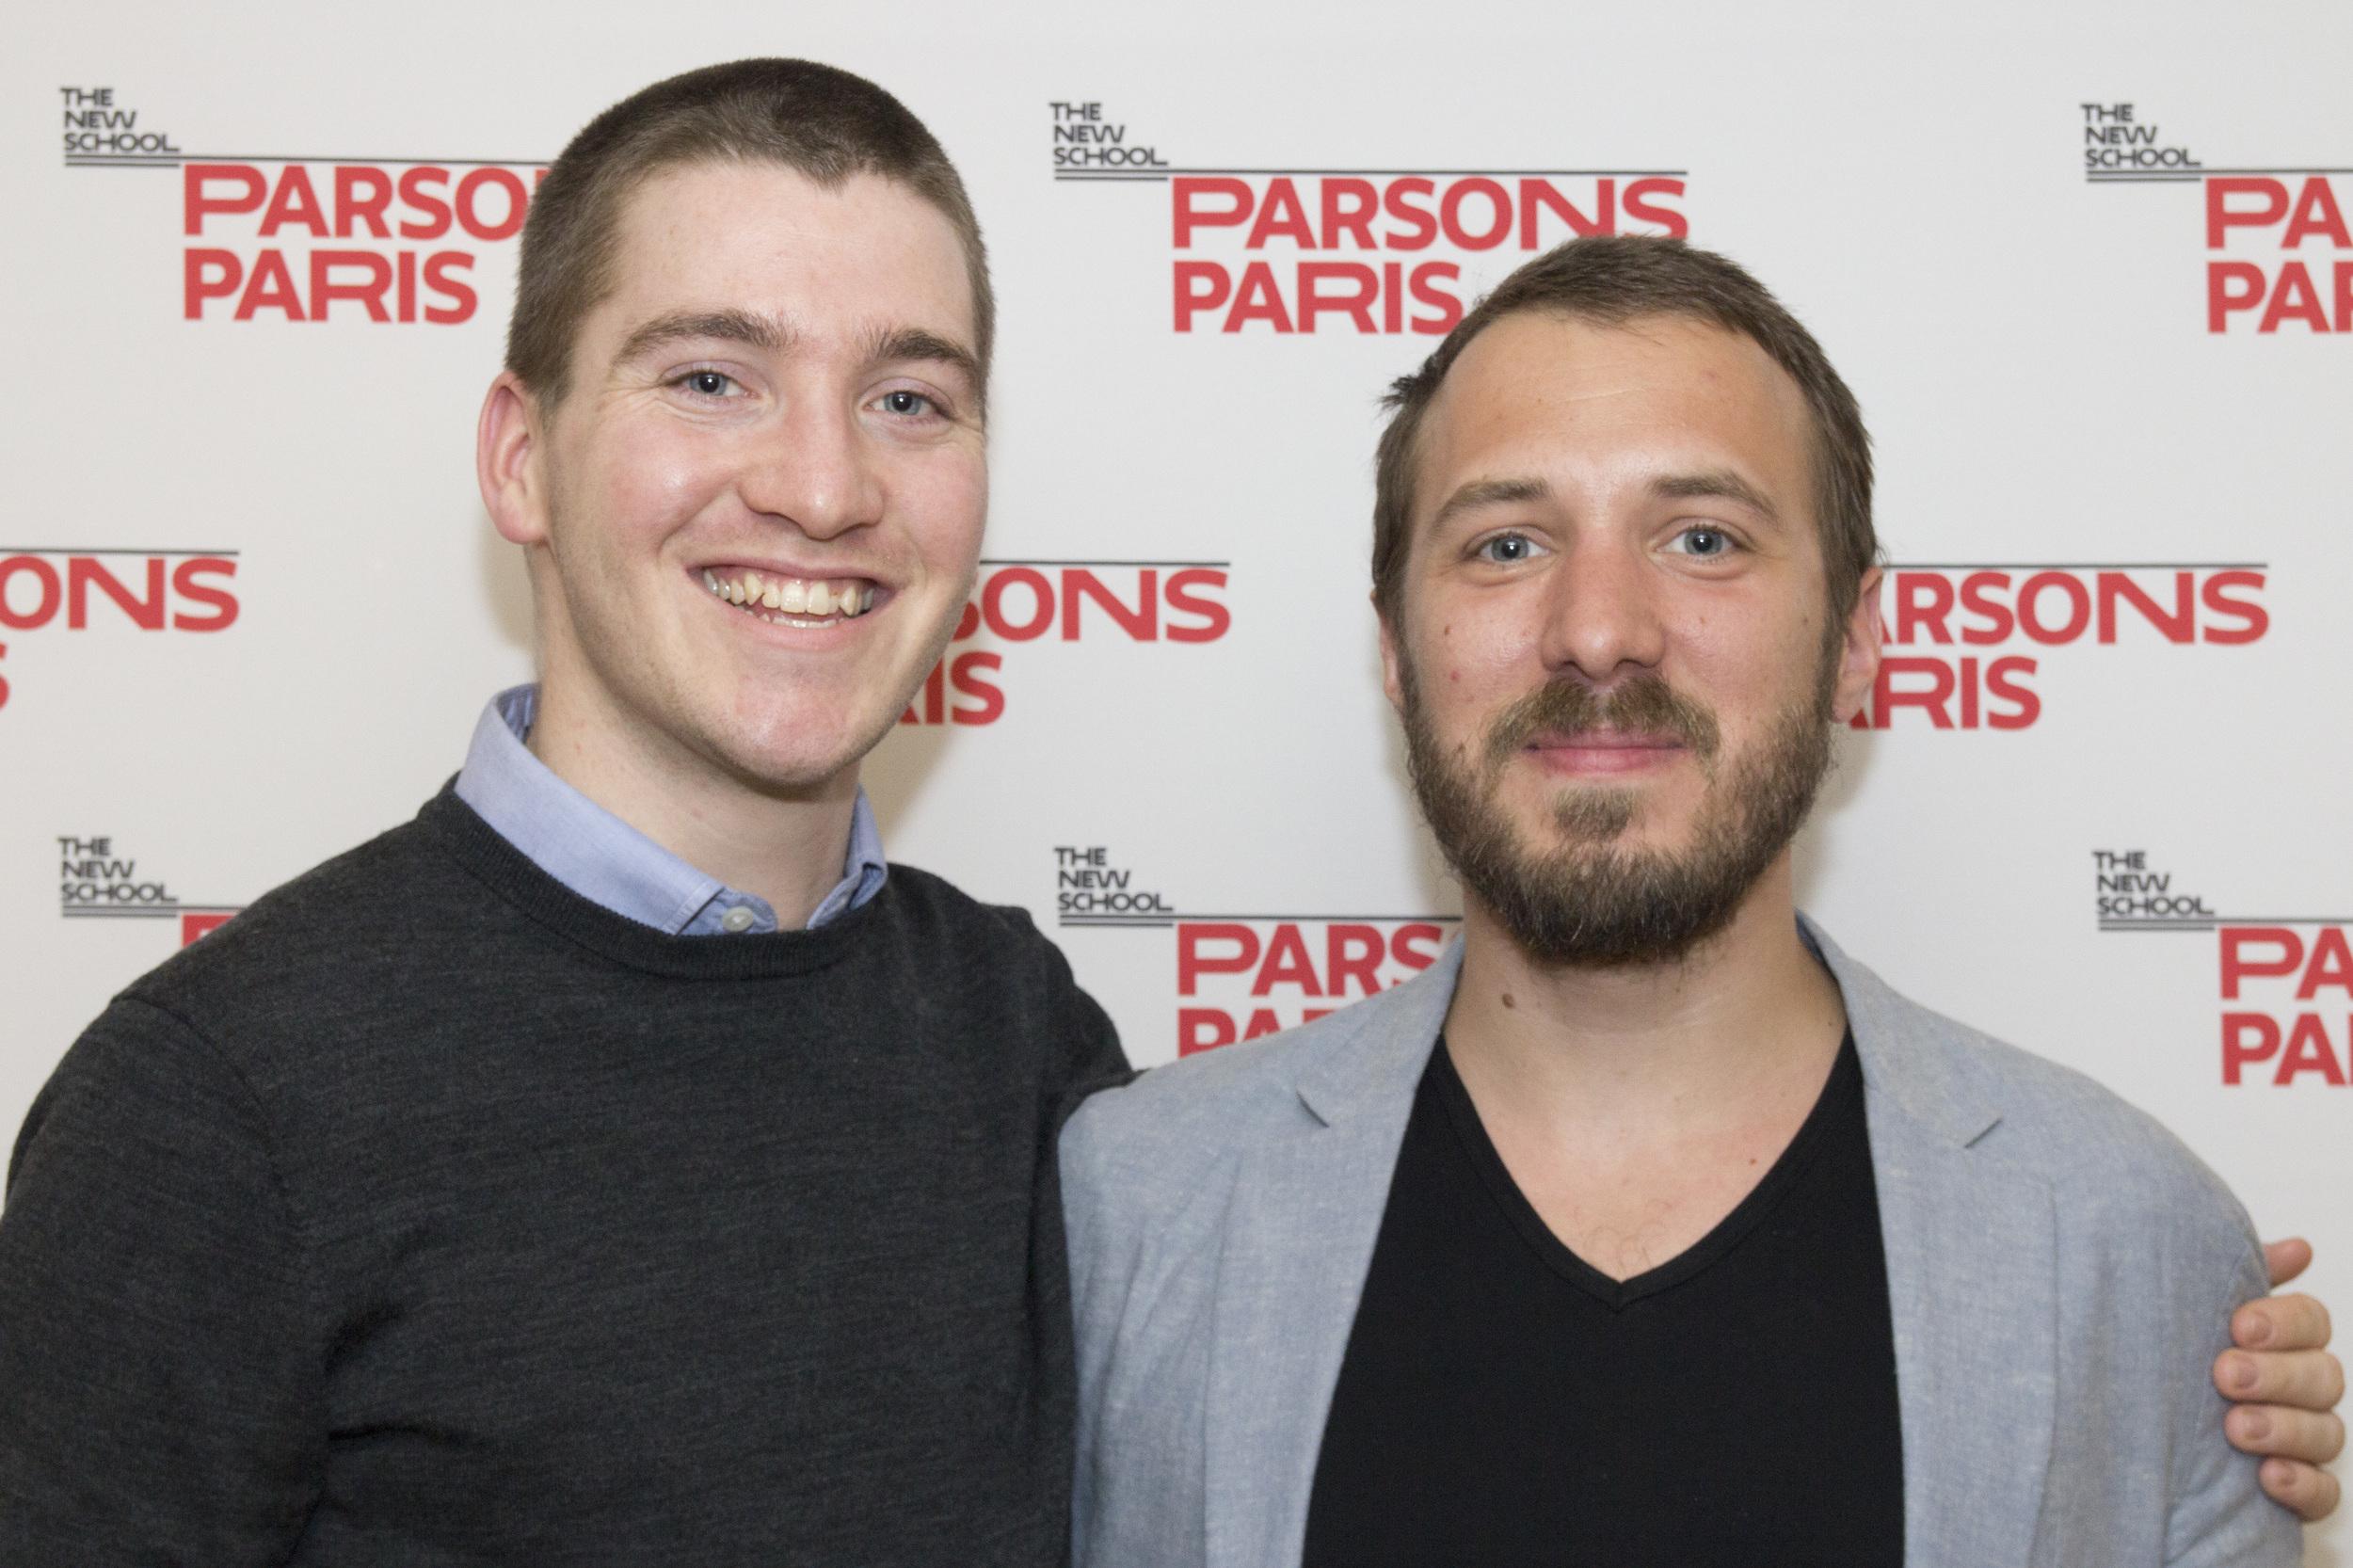 TNS_ParsonsParis_Graduation_170.jpg